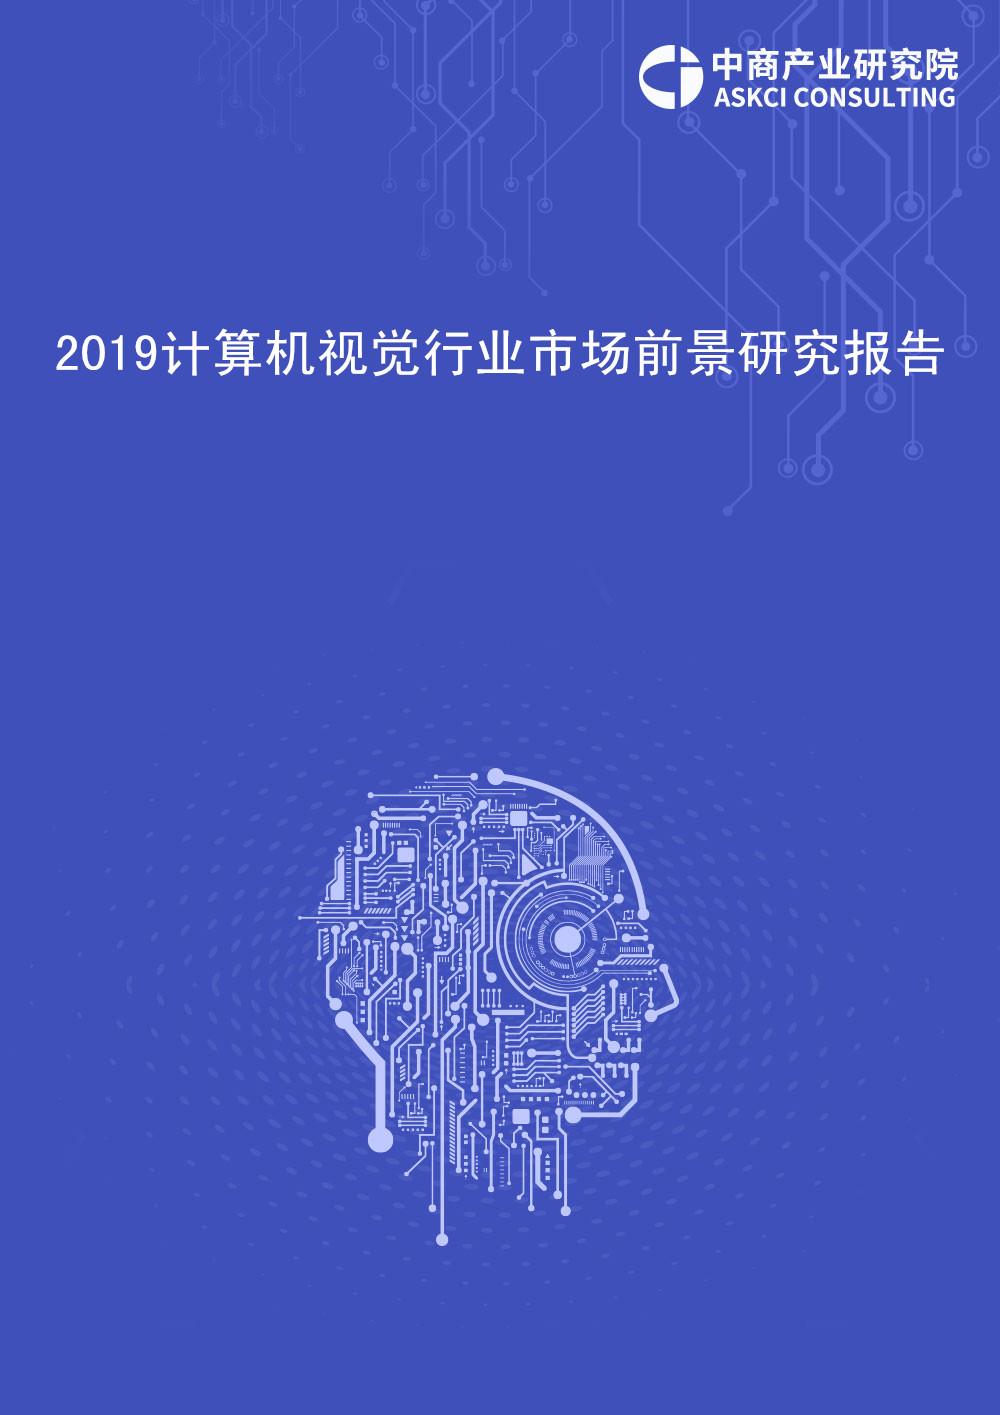 2019年中國計算機視覺行業市場前景研究報告